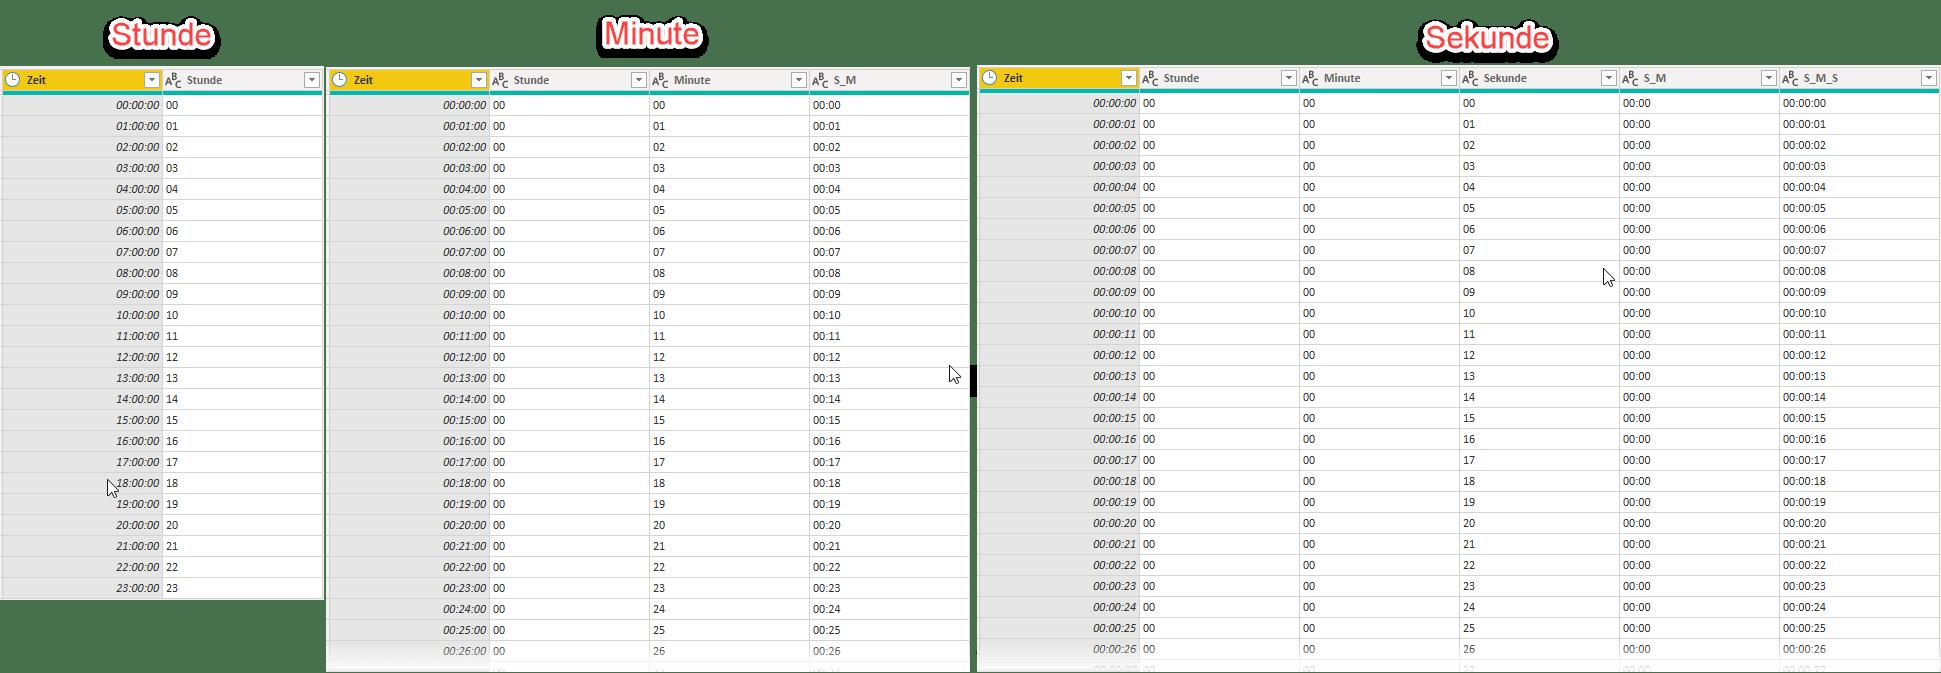 Zeittabelle: Tabellenstruktur je nach gewählter Zeiteinheit, Power Query, Power BI